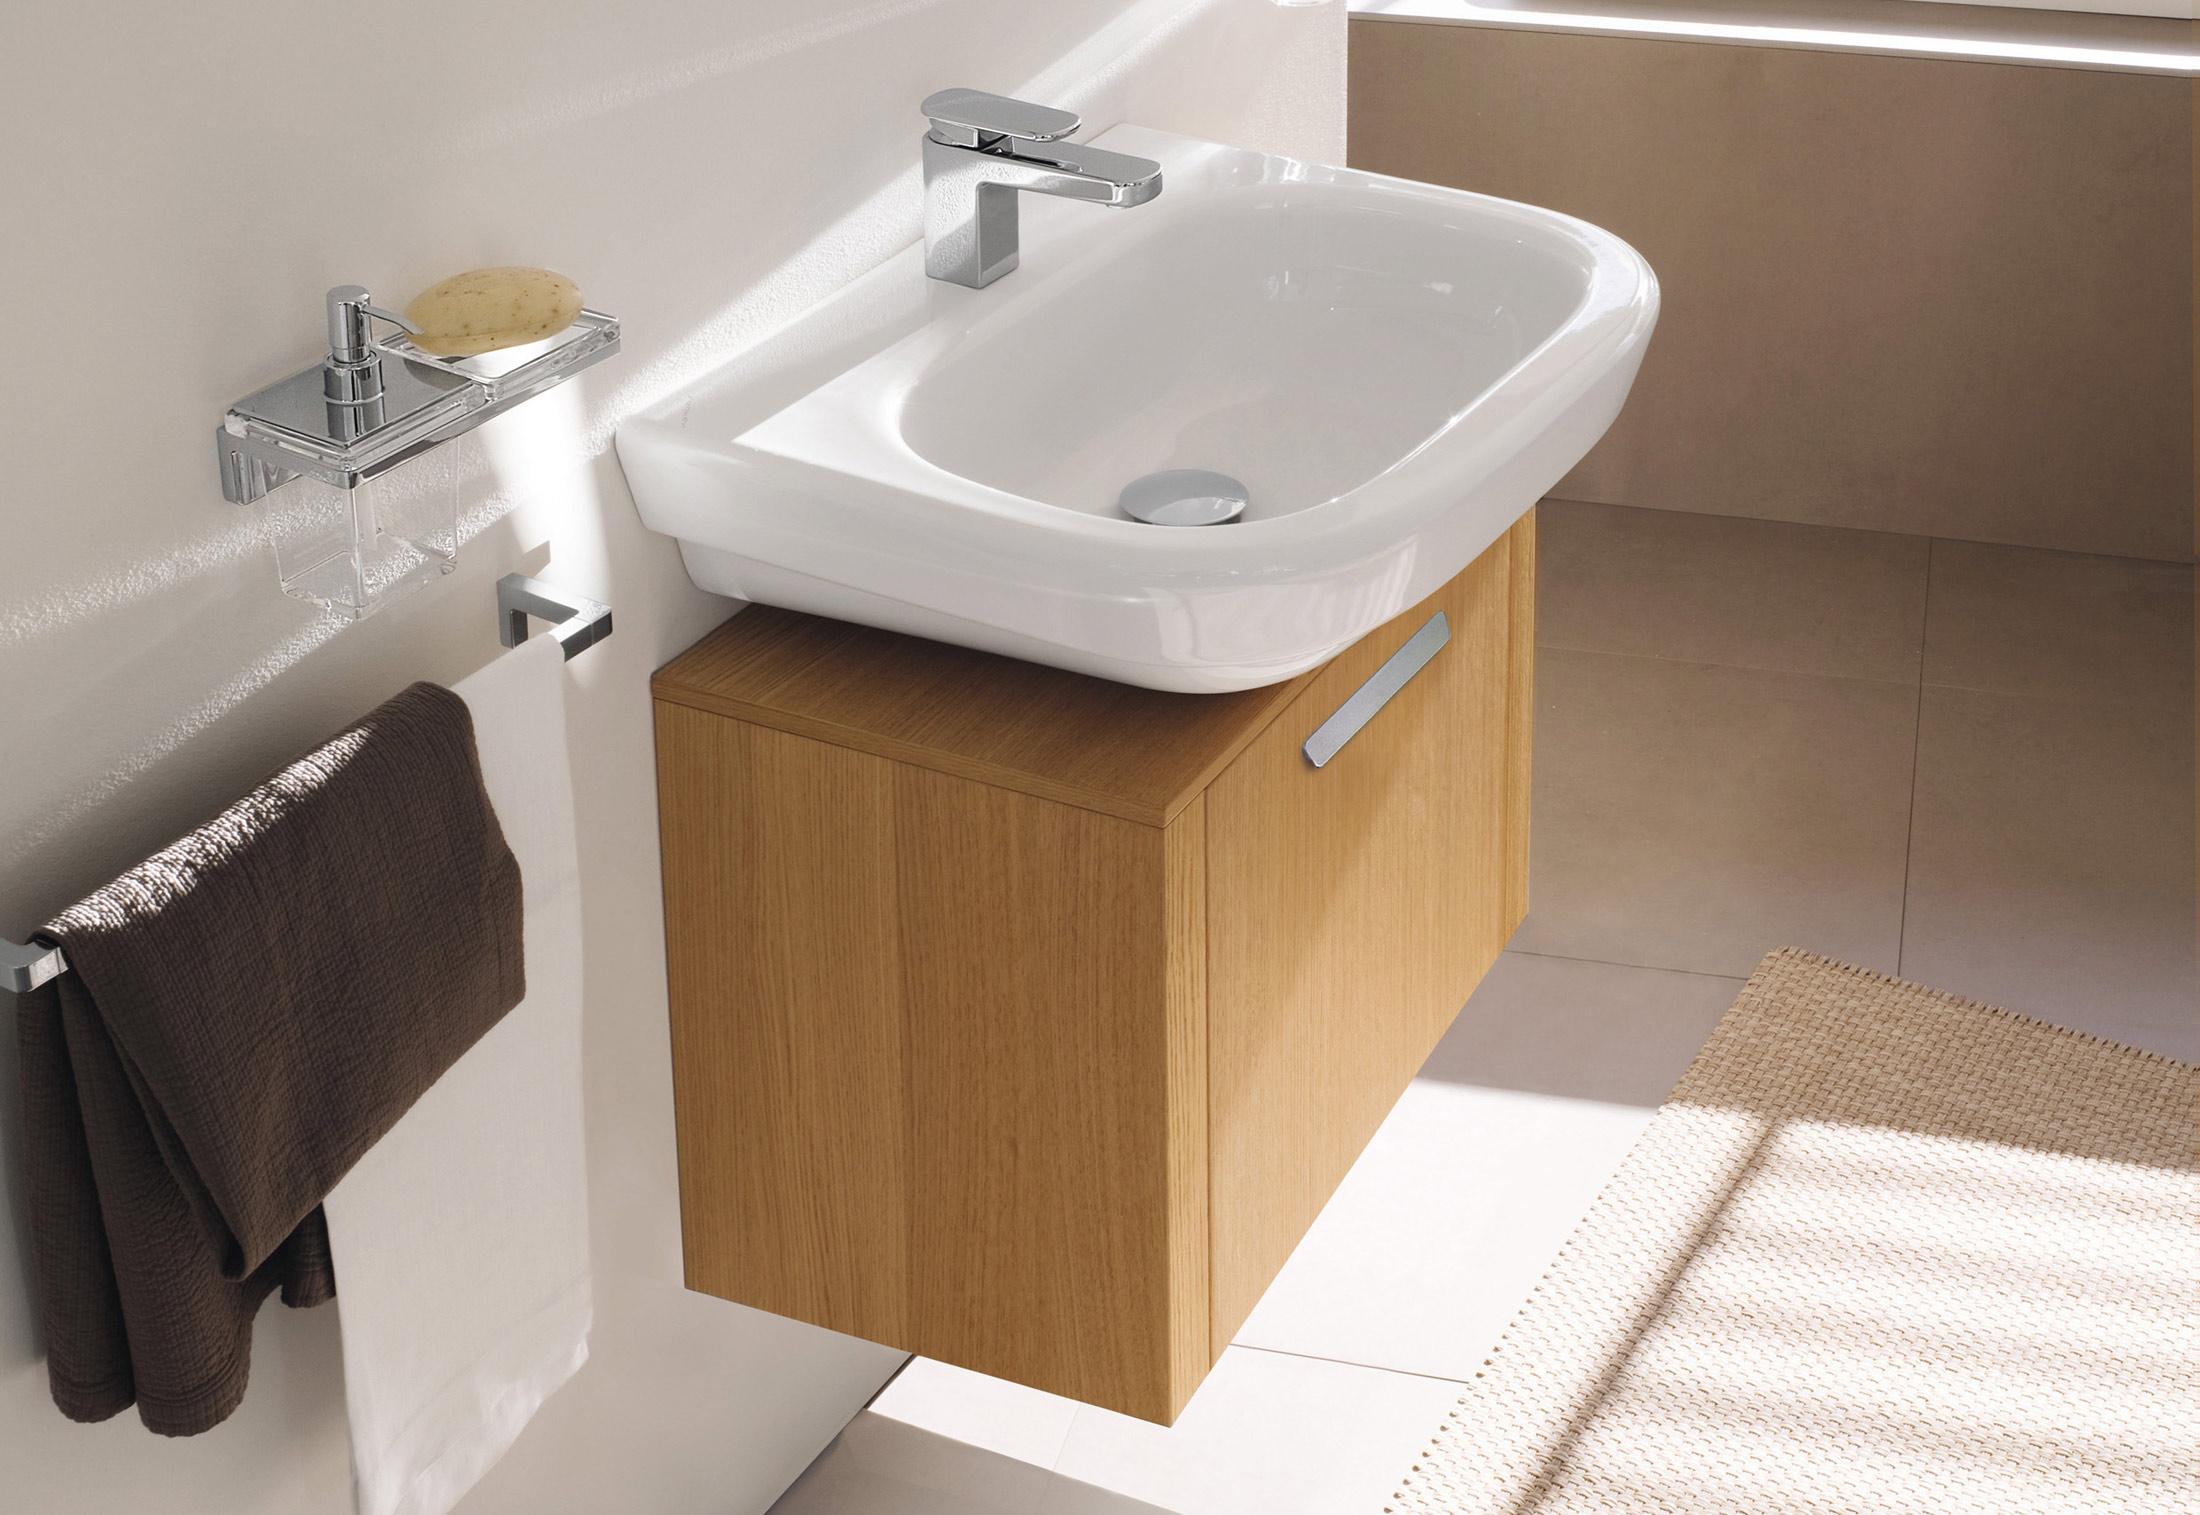 Lb3 Waschtischunterschrank modern von Laufen | STYLEPARK | {Waschtischunterschrank modern 14}